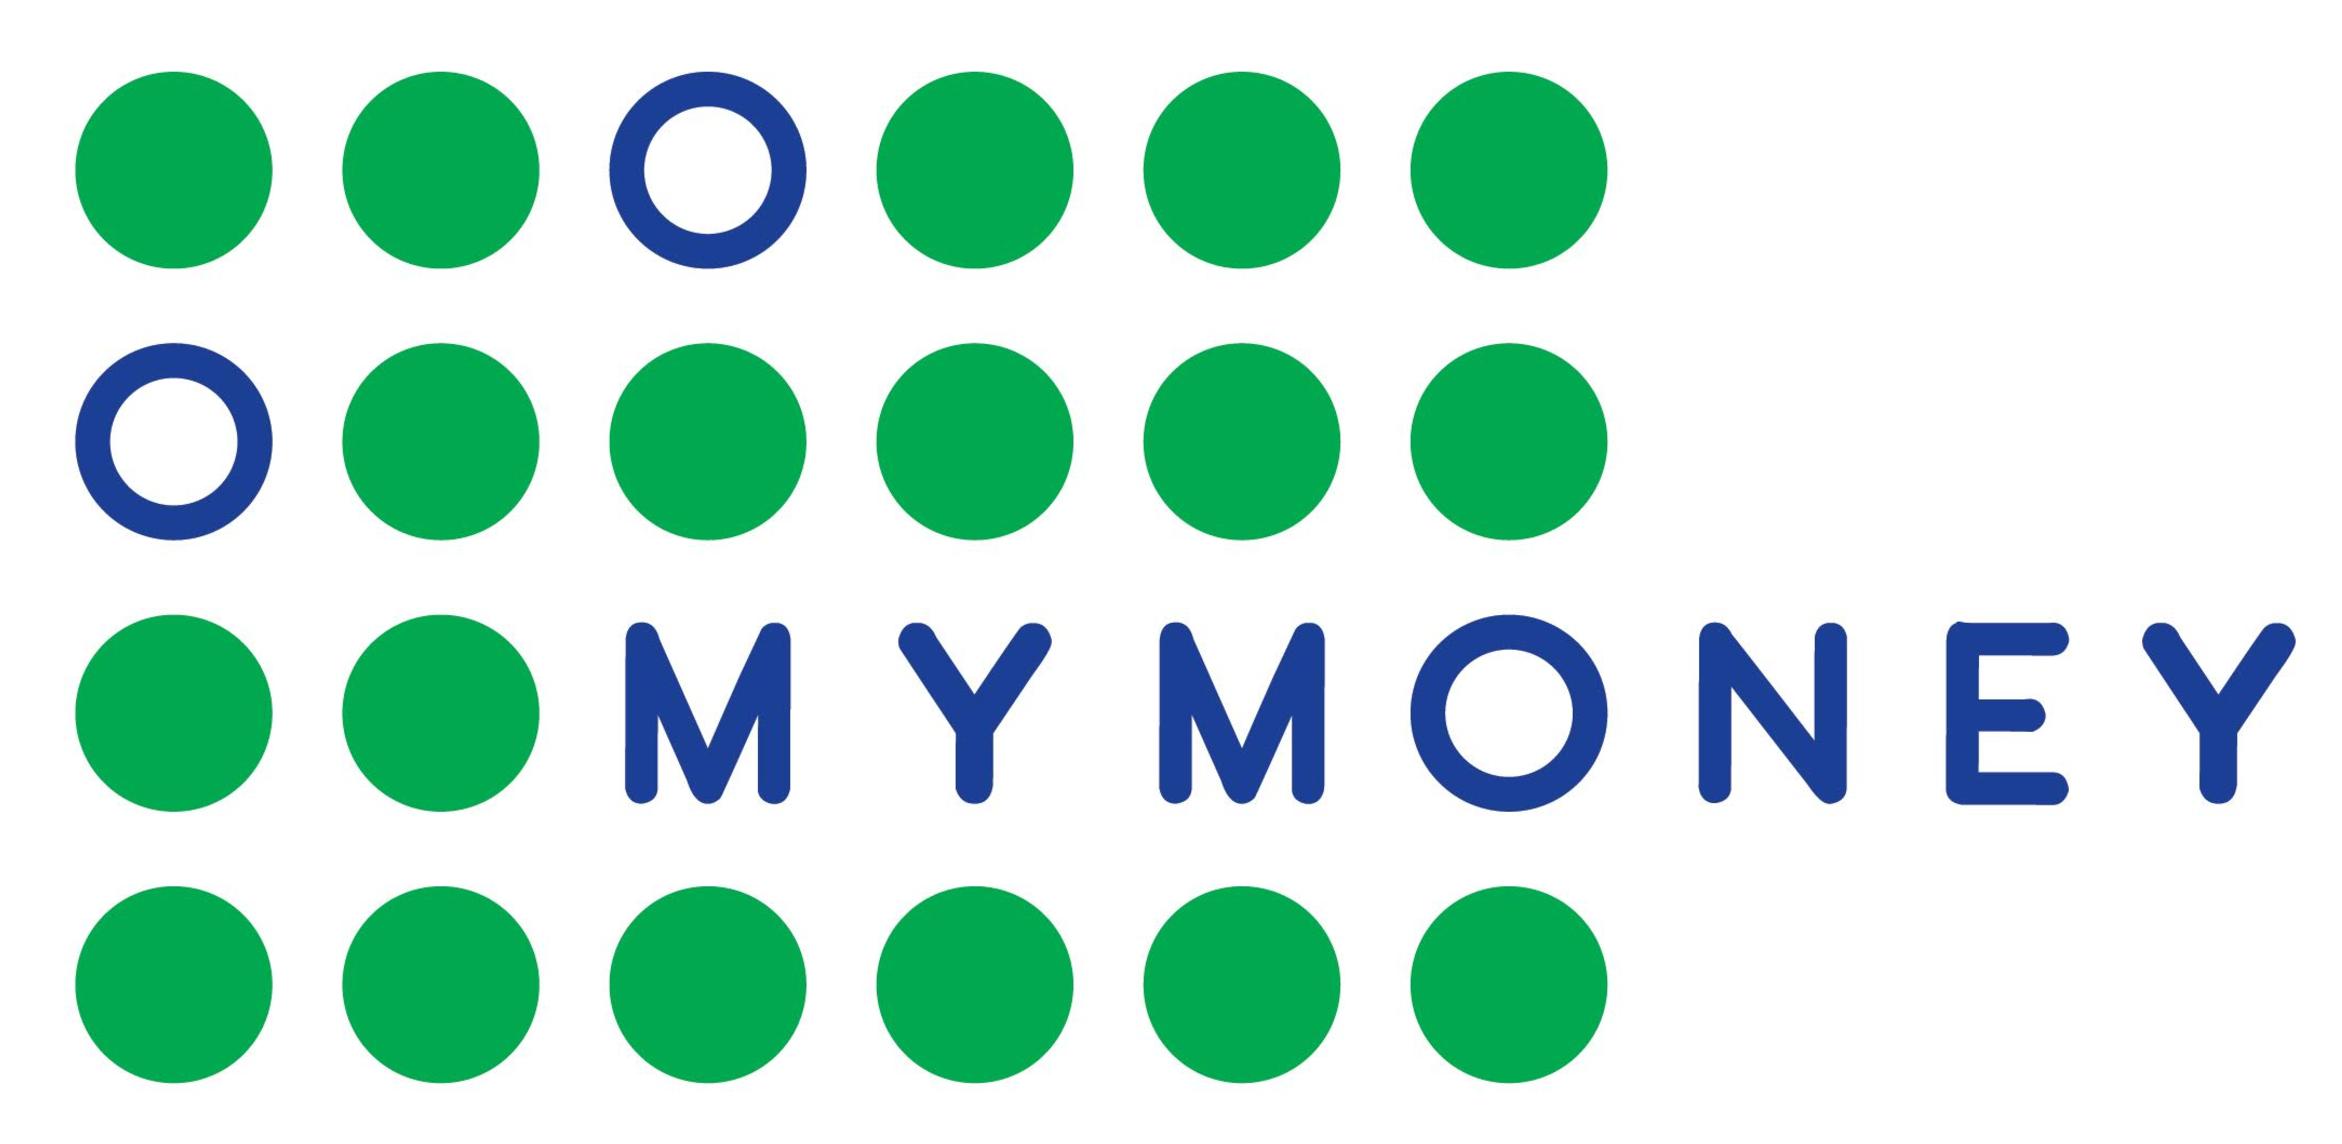 MyMoney - Money Tracker Logo